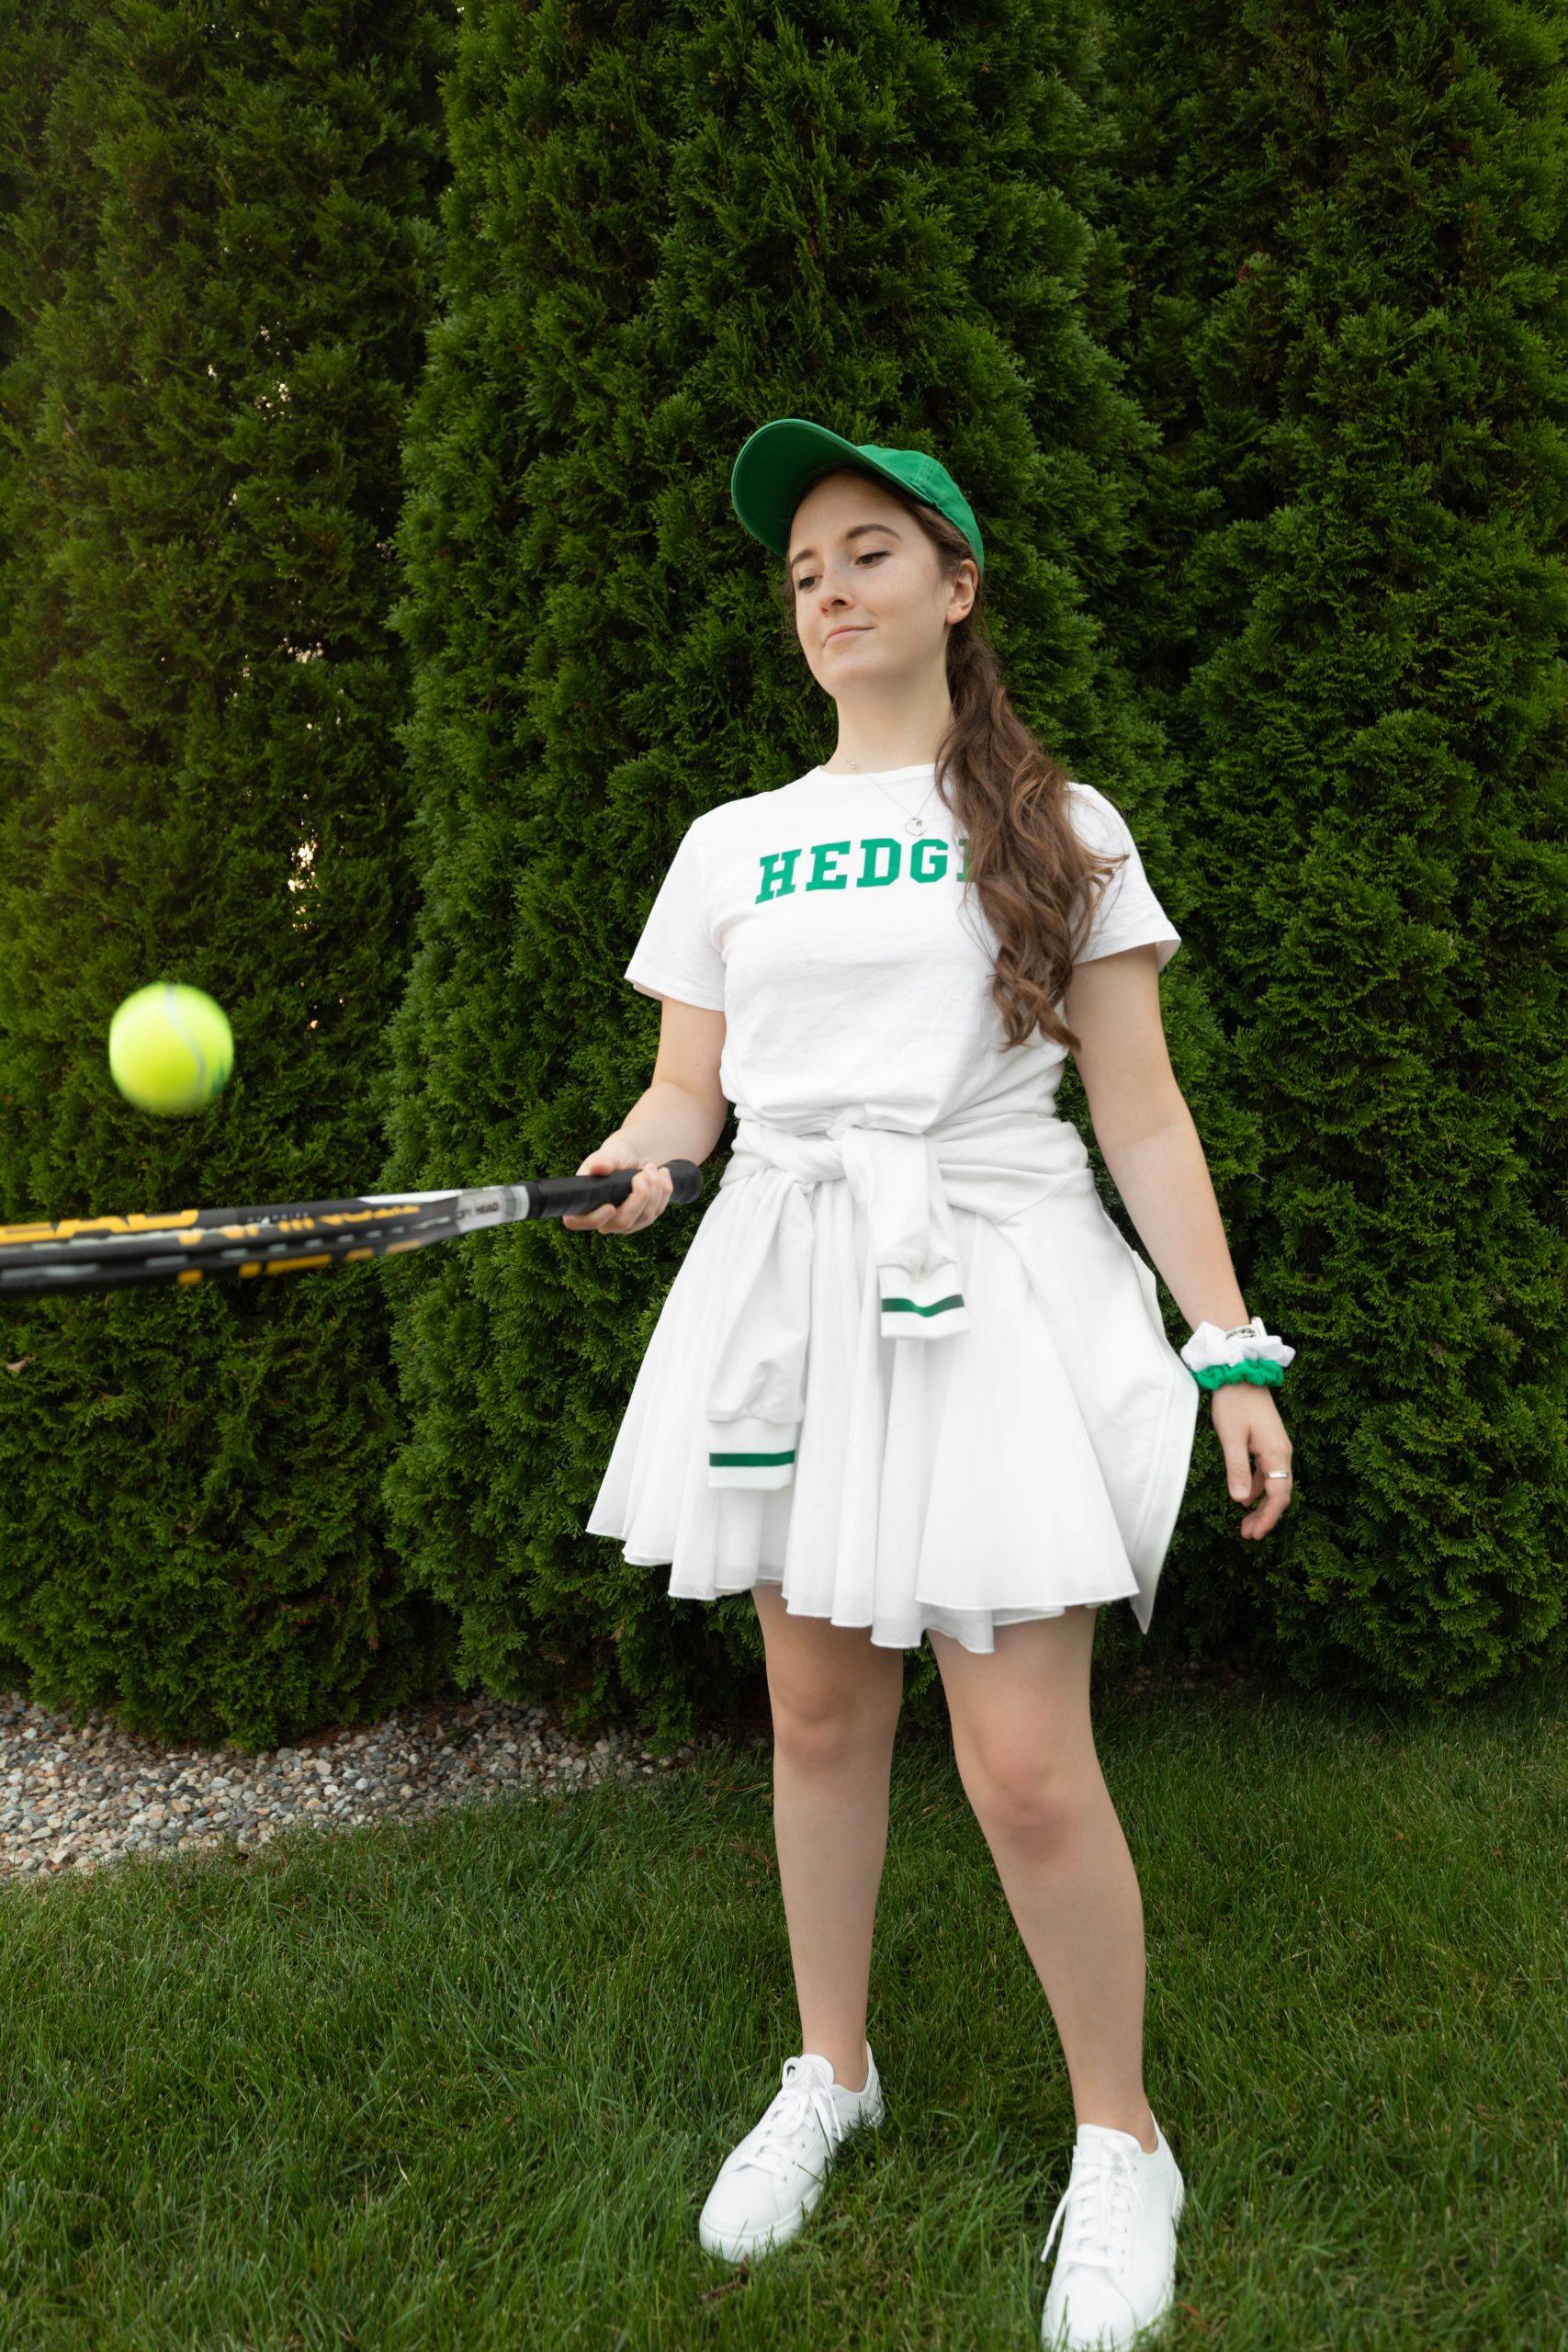 Hegde New York Tennis & Golf Attire Worn & Styled by Annie Fairfax